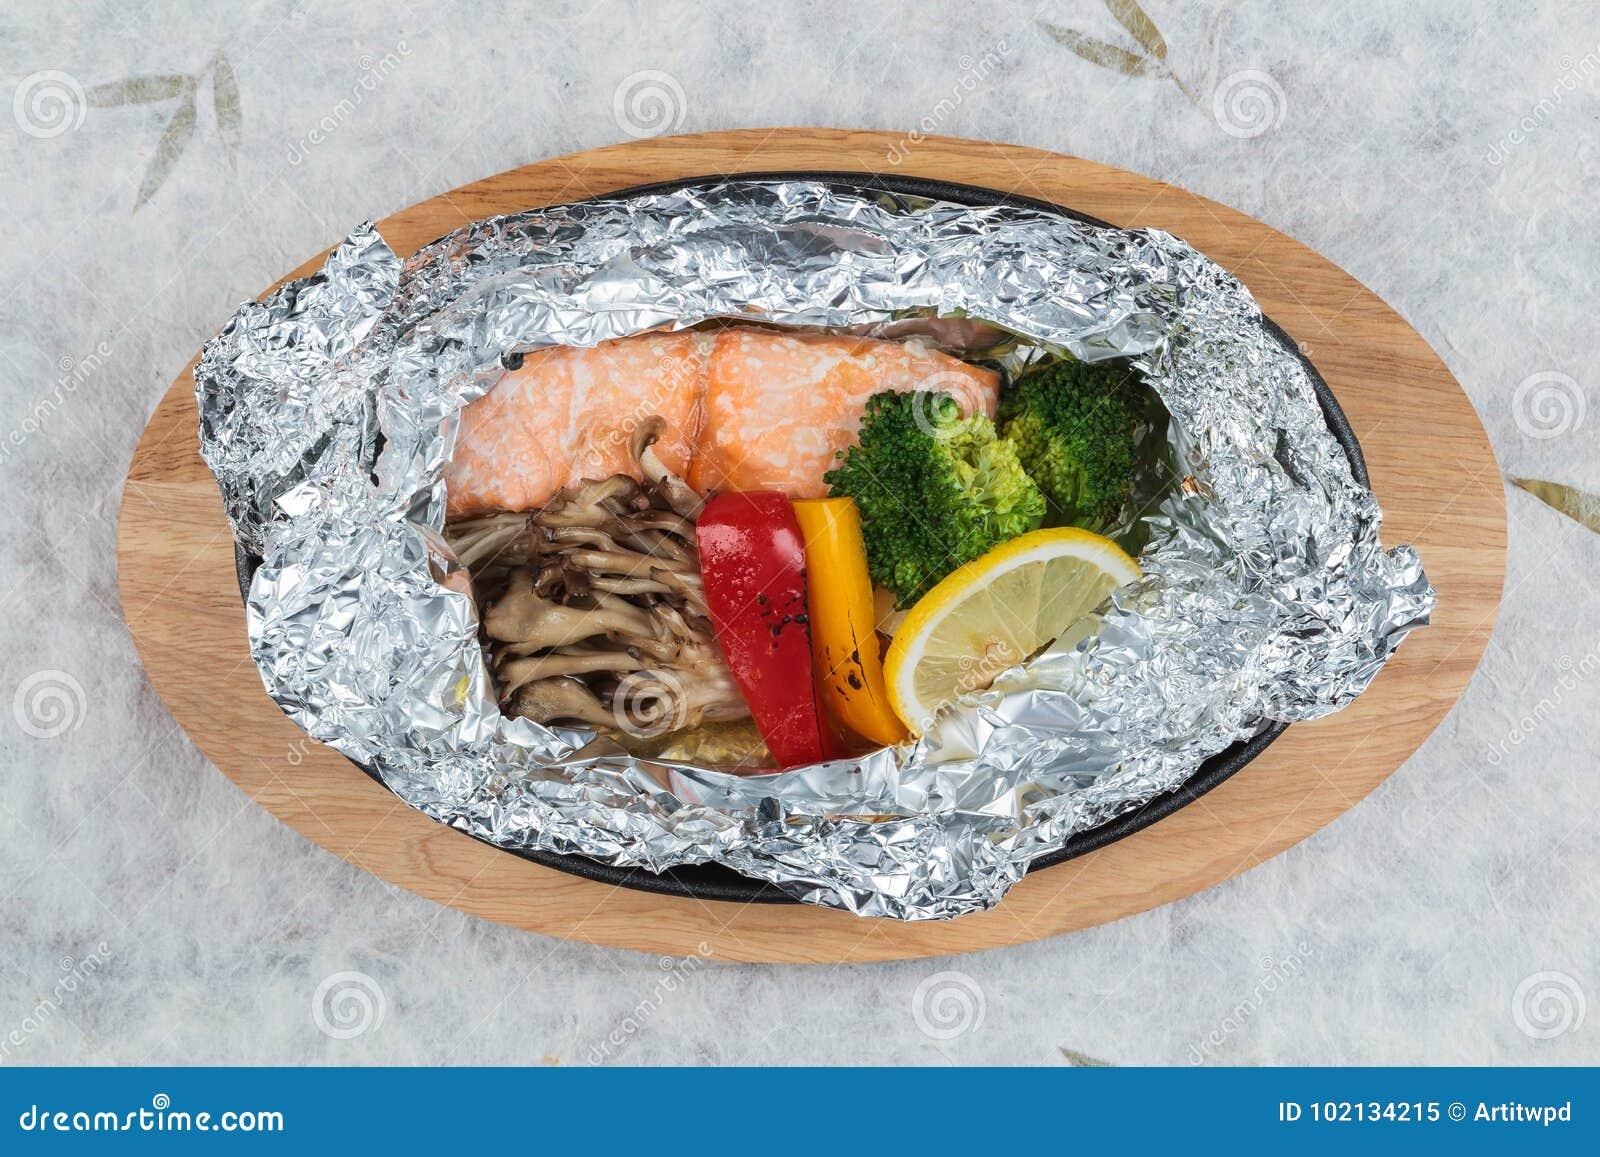 Odgórny widok Piec na grillu łosoś w Foliowej paczce z brokułami, dzwonkowym pieprzem, pieczarką i plasterek cytryną,